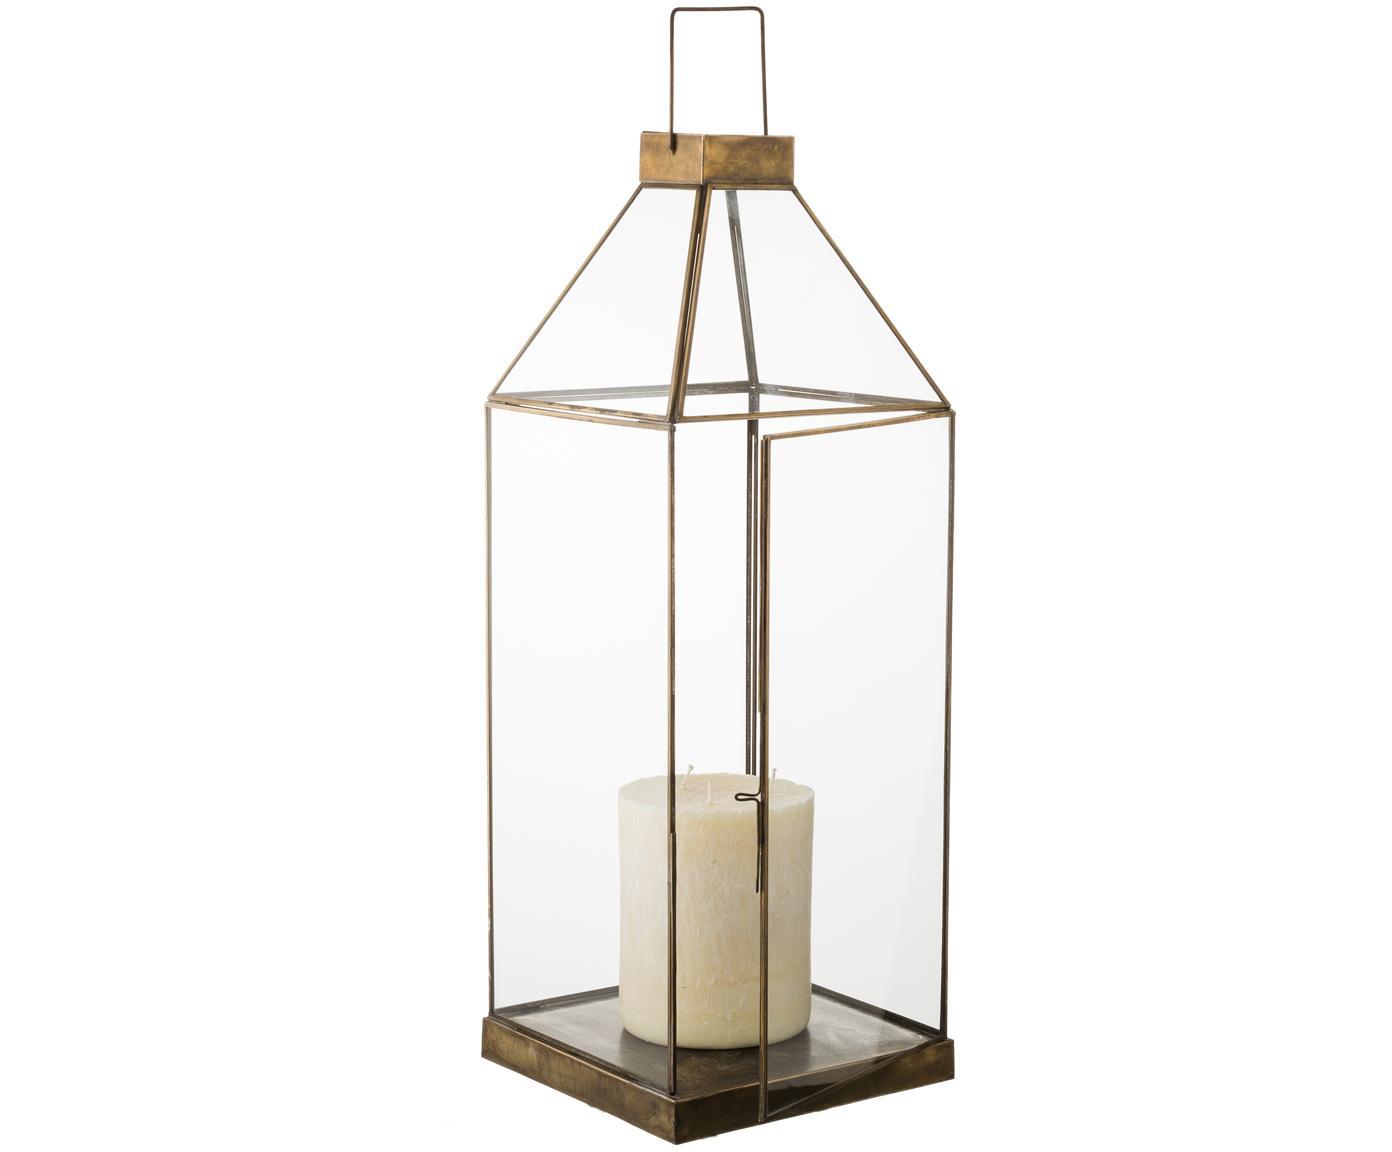 Świecznik Aladin, Stelaż: metal powlekany, Odcienie brązu, S 20 x W 50 cm